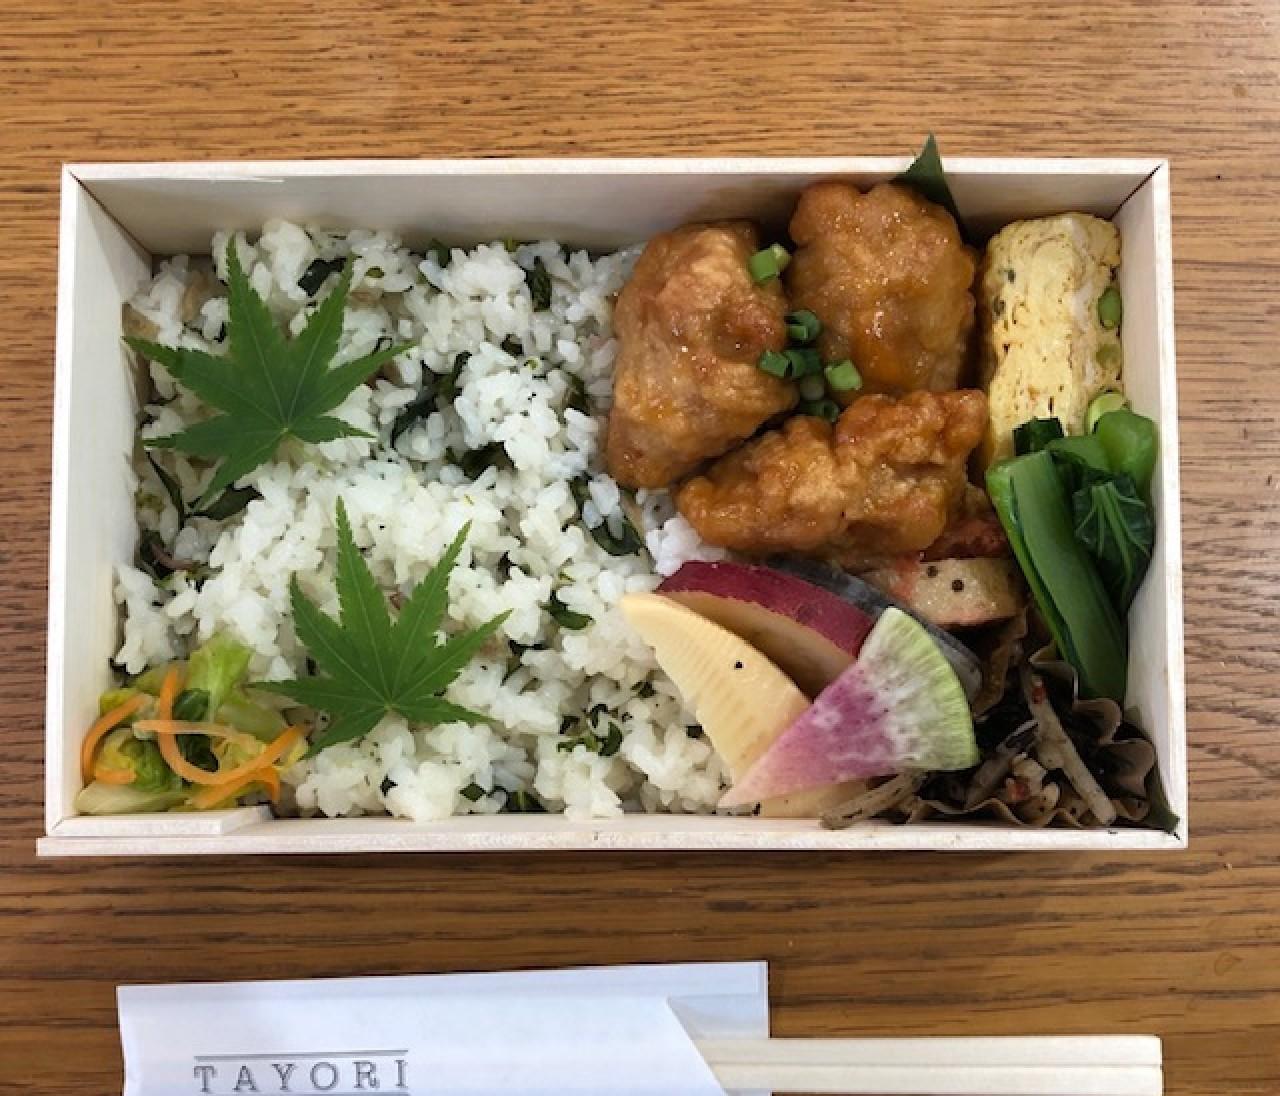 【エディターのおうち私物#2】在宅ワークで頼りになる♡谷中「TAYORI」のお弁当